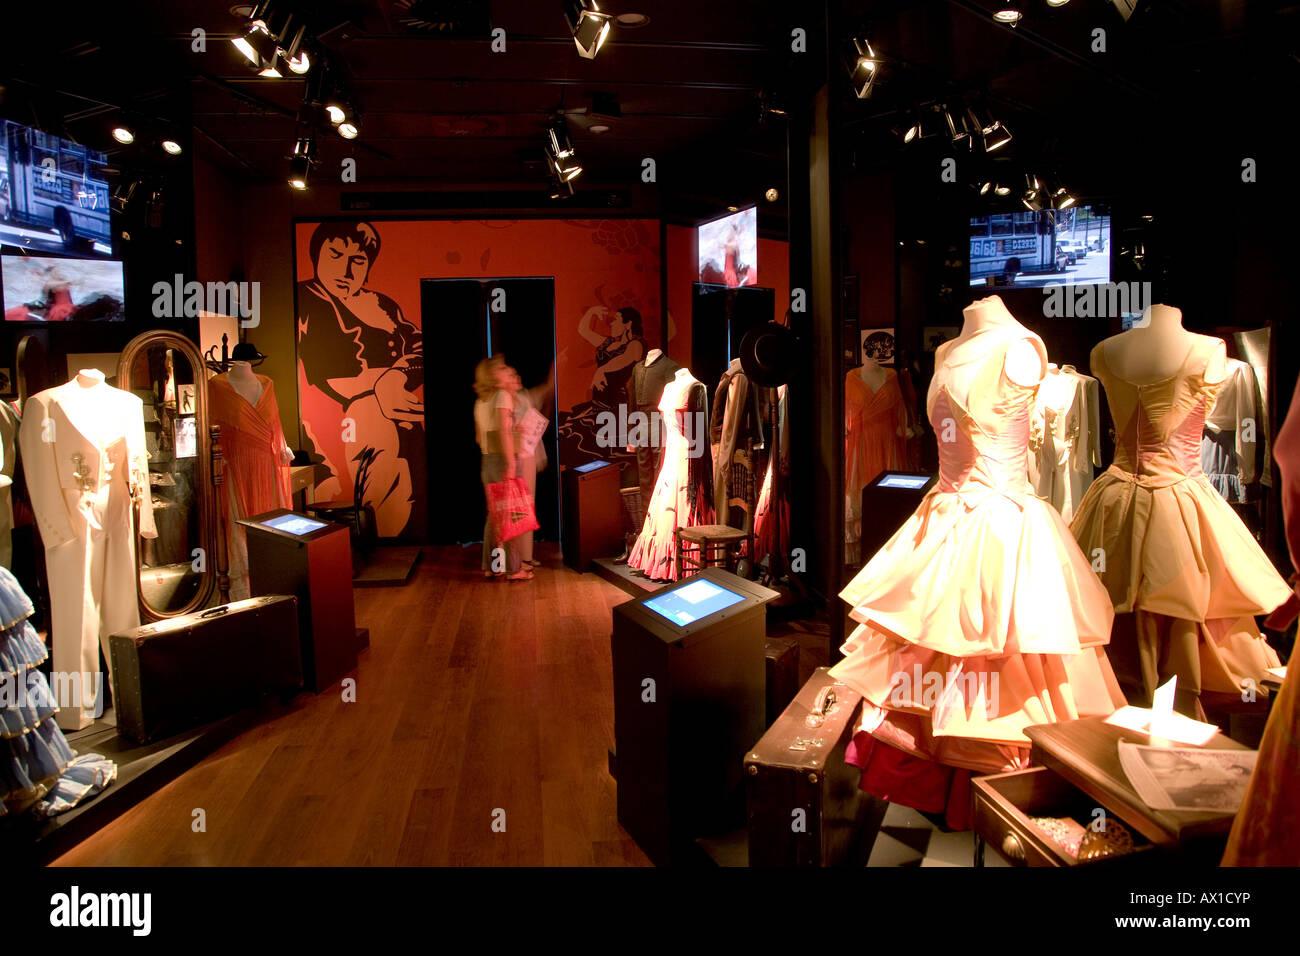 Museo del baile flamenco Sevilla, Museum, Andalucia, Spain Stock Photo